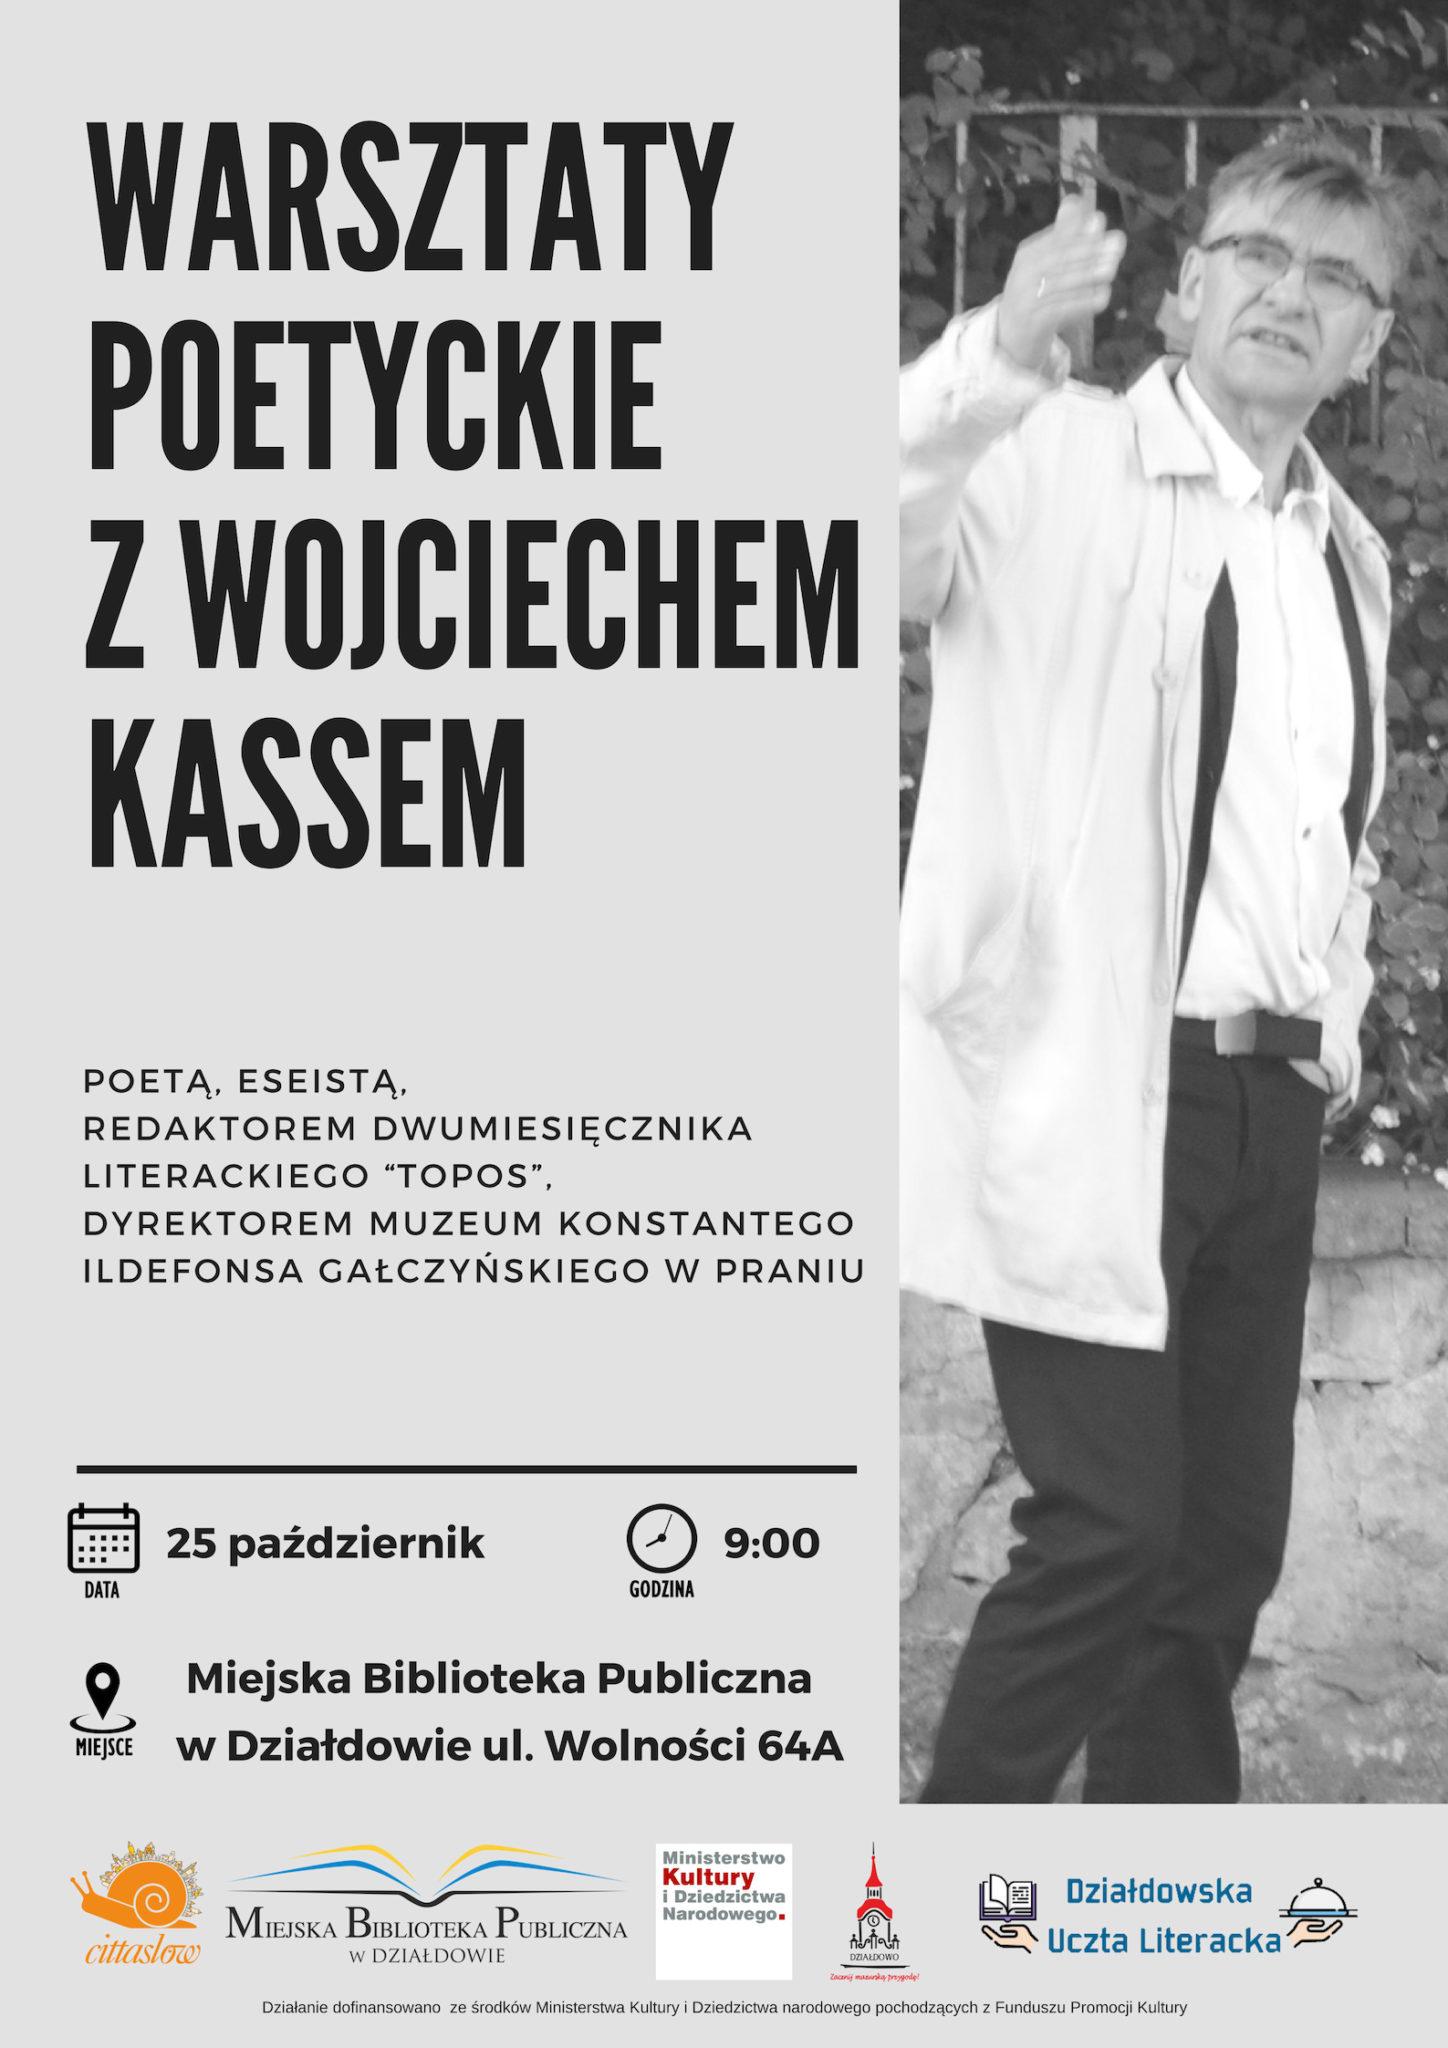 Warsztaty poetyckie z Wojciechem Kassem